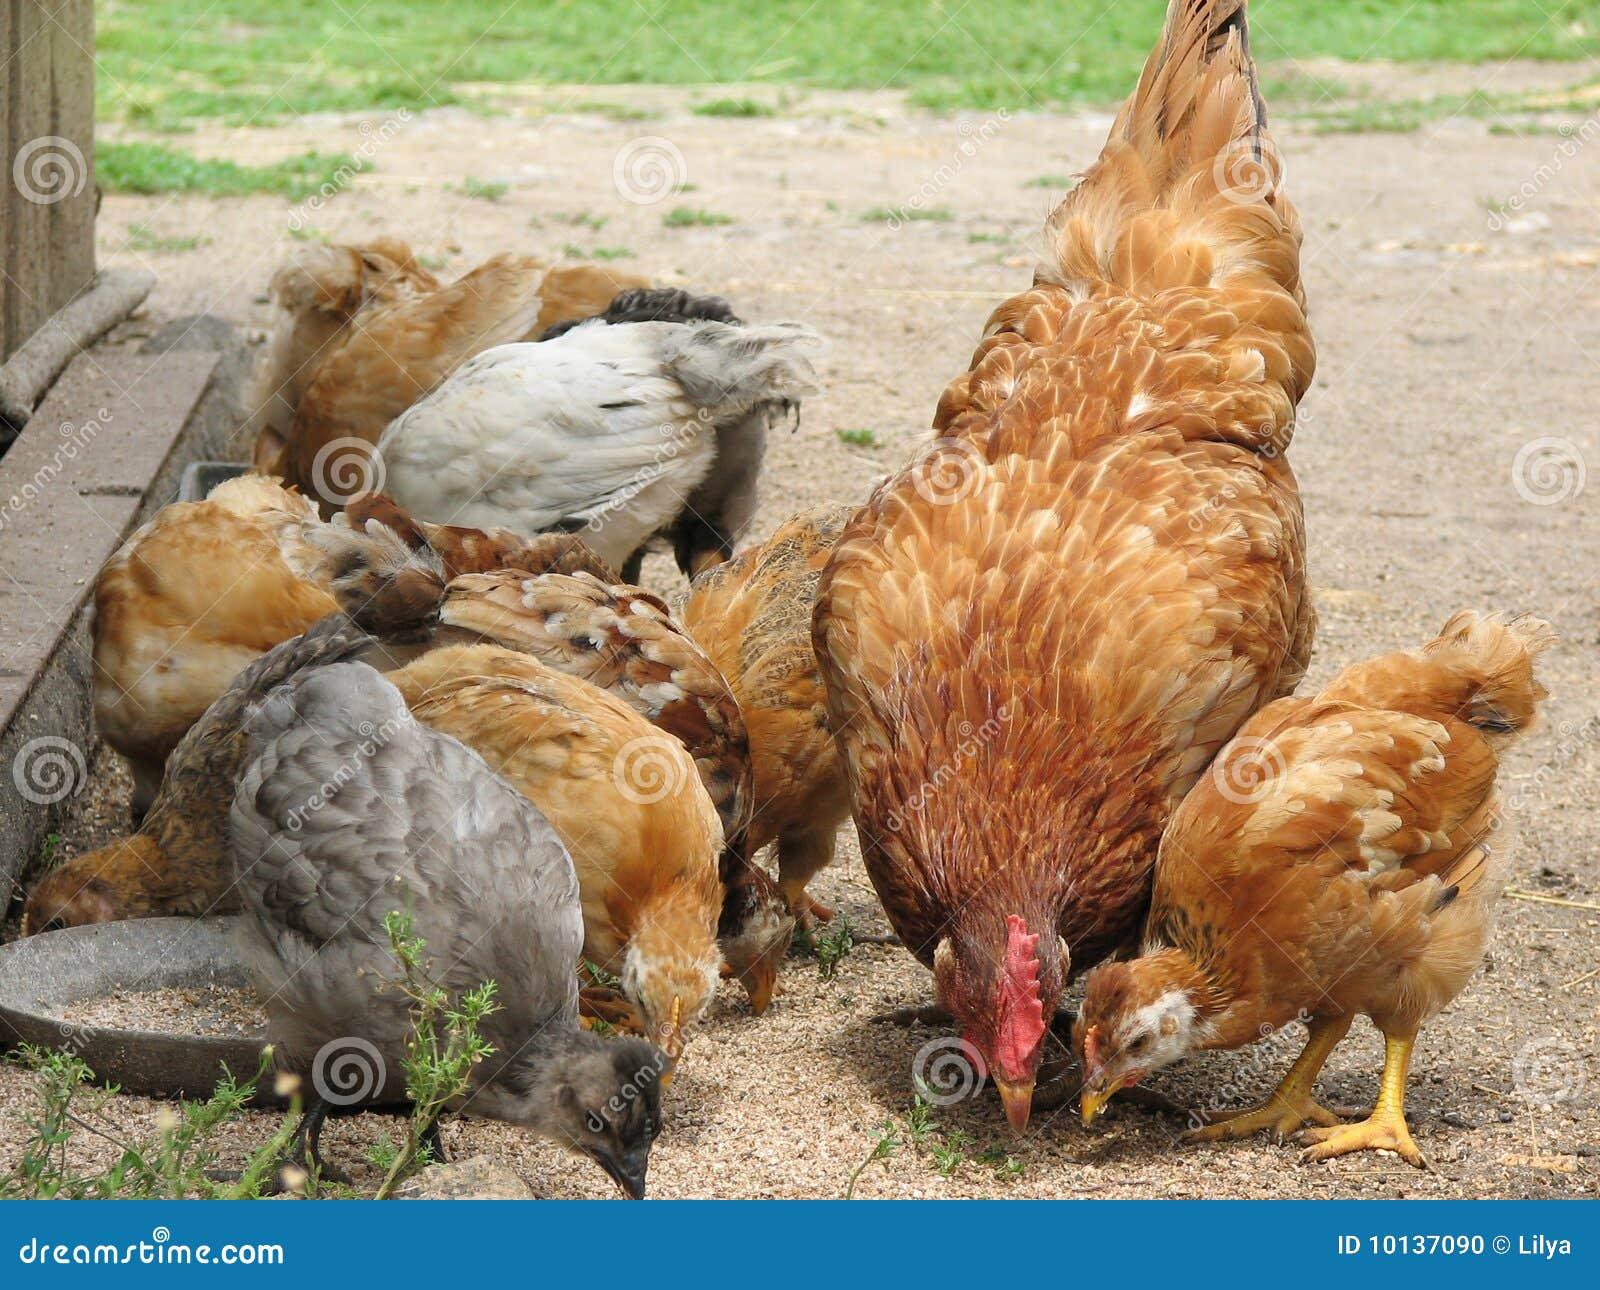 what chicken has no grain diet